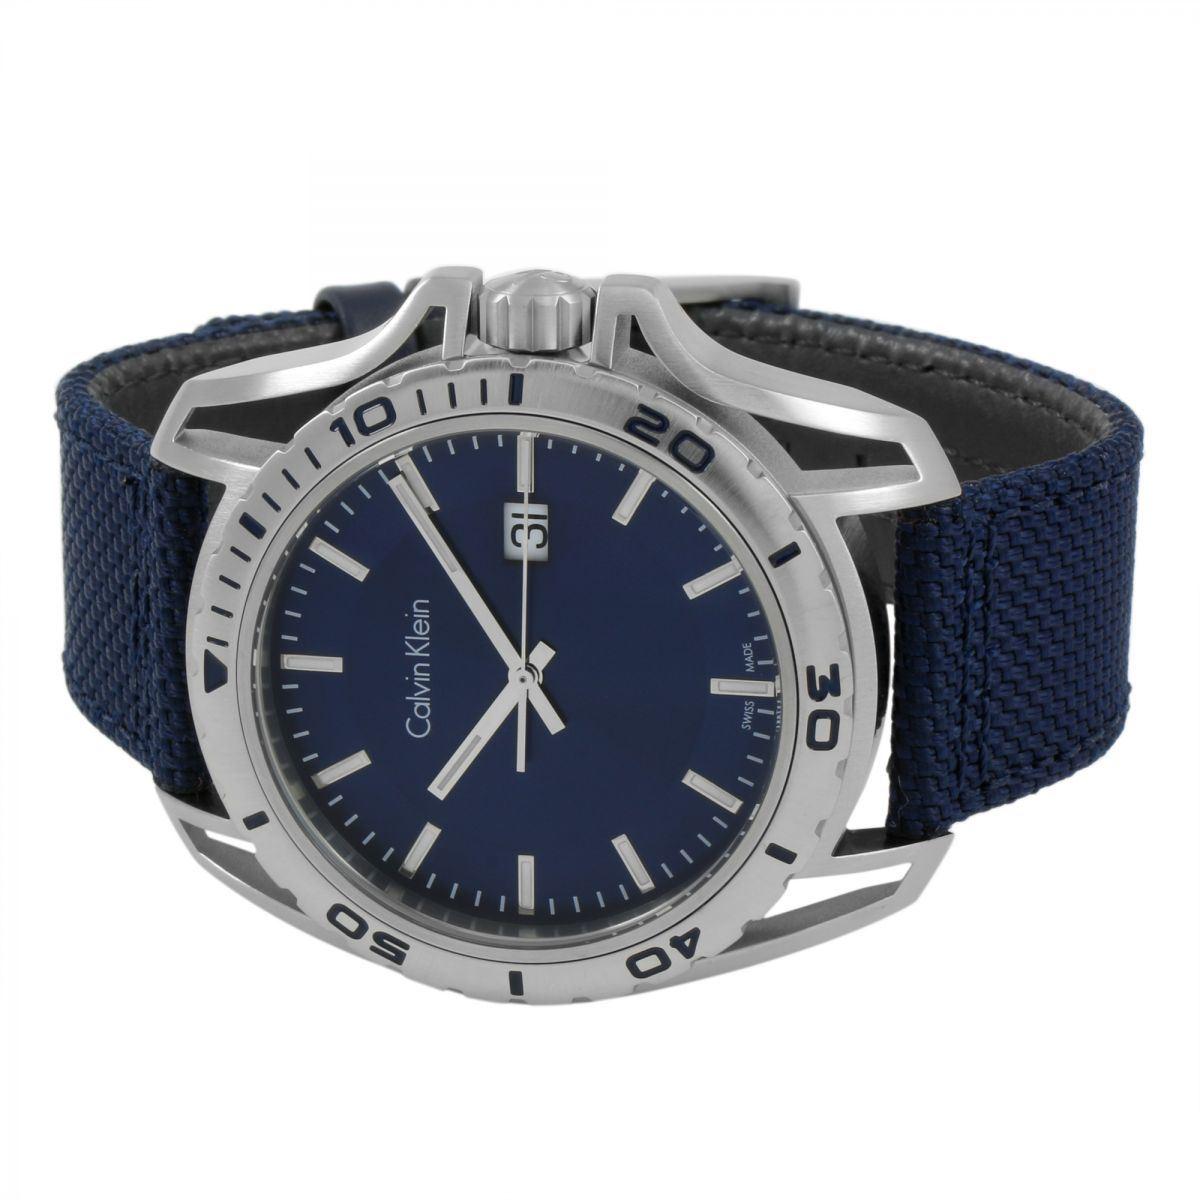 Reloj Calvin Klein Earth K5Y31UVN Suizo Acero Inox Correa De Nailon ... a9af5d5d2e9e